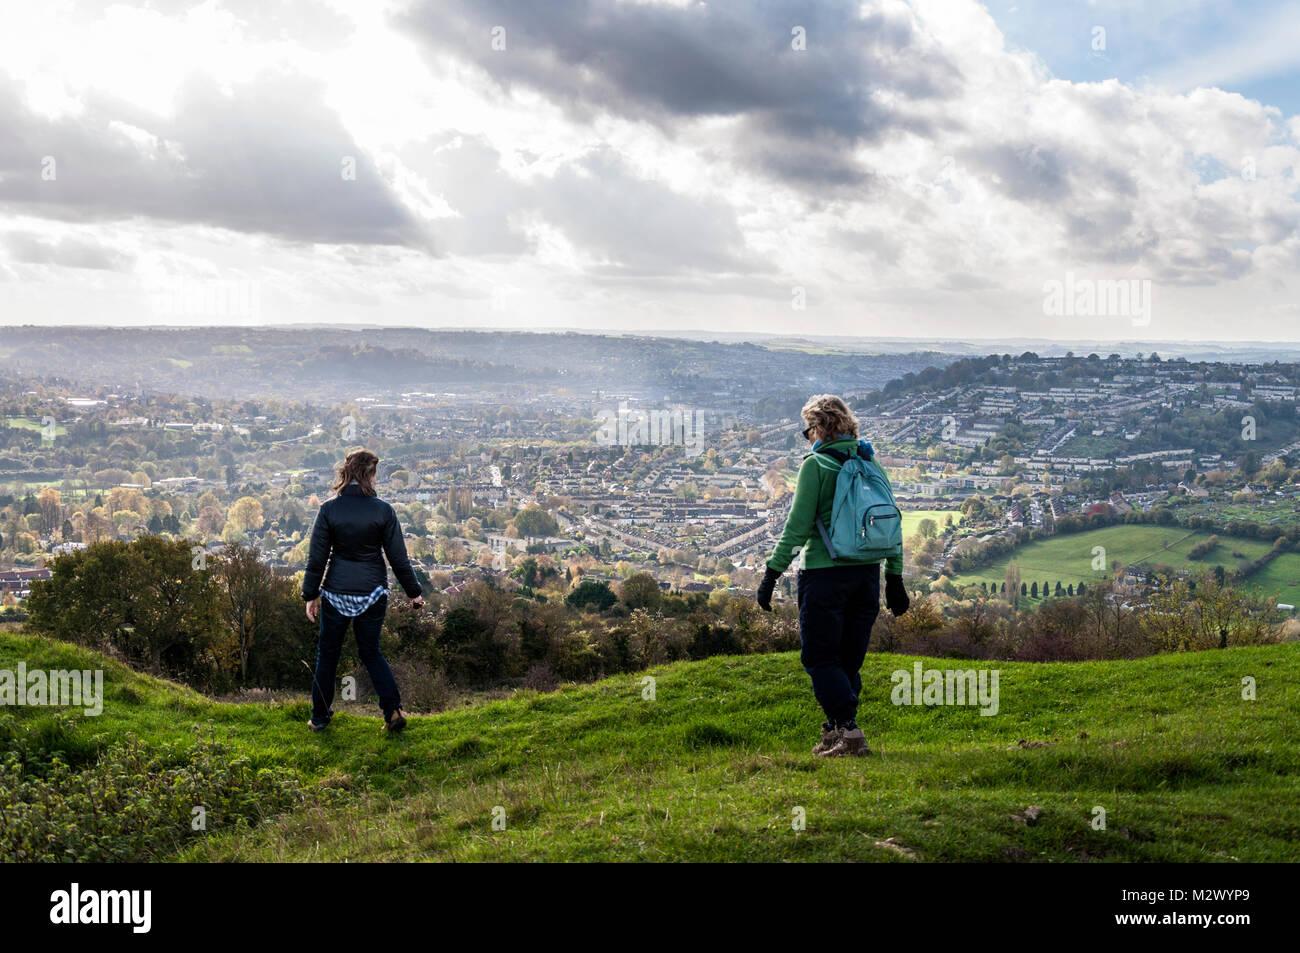 Walkers on Little Solsbury Hill, Batheaston, Bath, Somerset, England,UK Stock Photo